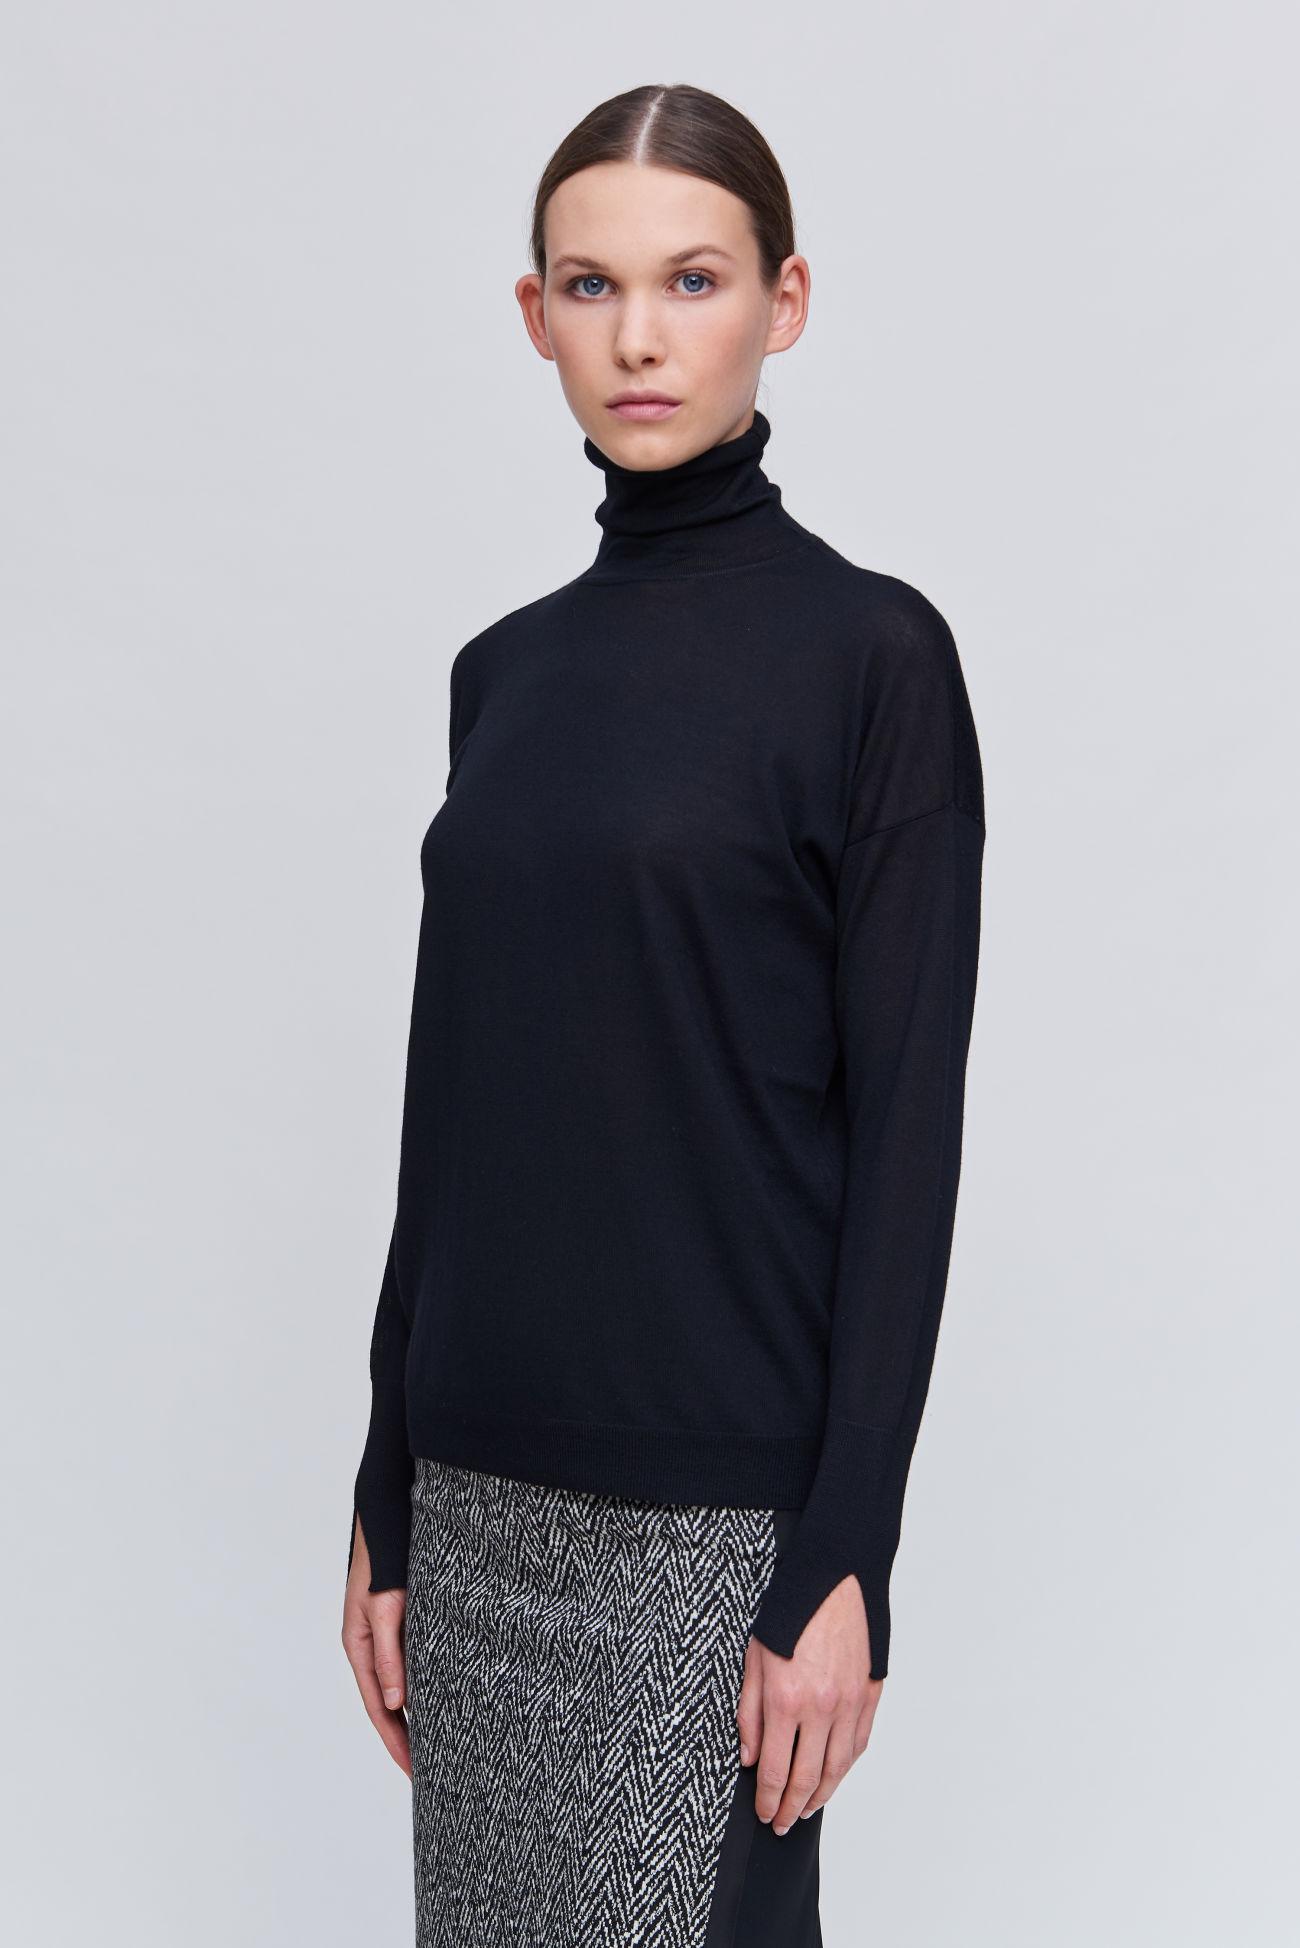 Wide cut sweater